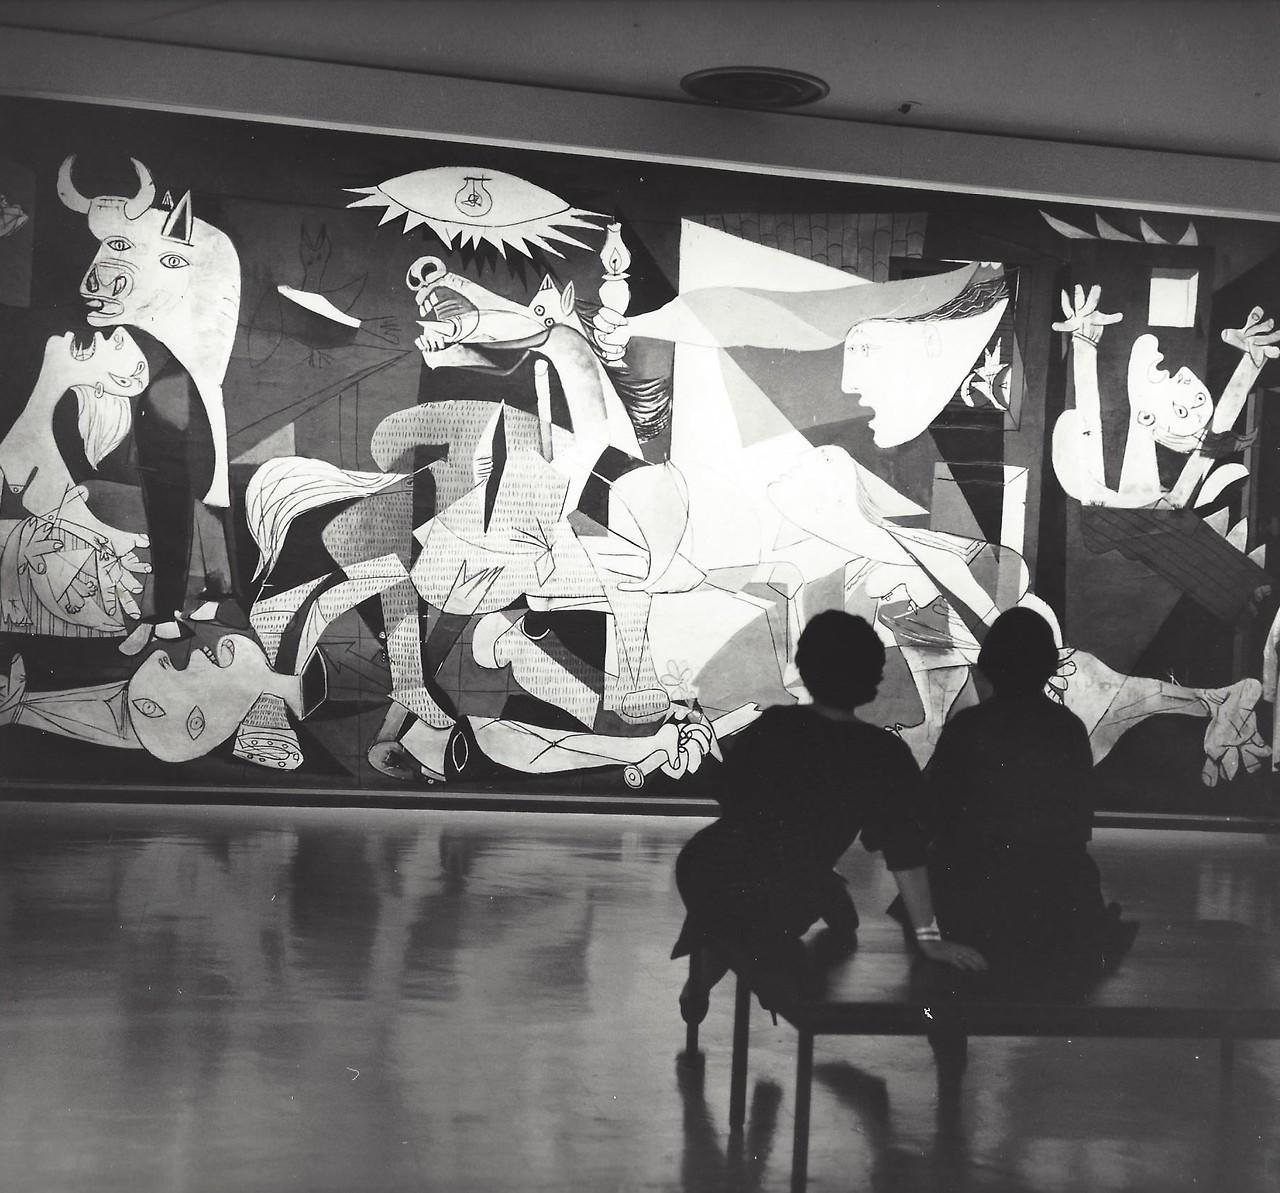 Перед картиной «Герника» Пабло Пикассо в Музее современного искусства на Манхеттене, 1959. Фотограф Кис Шерер